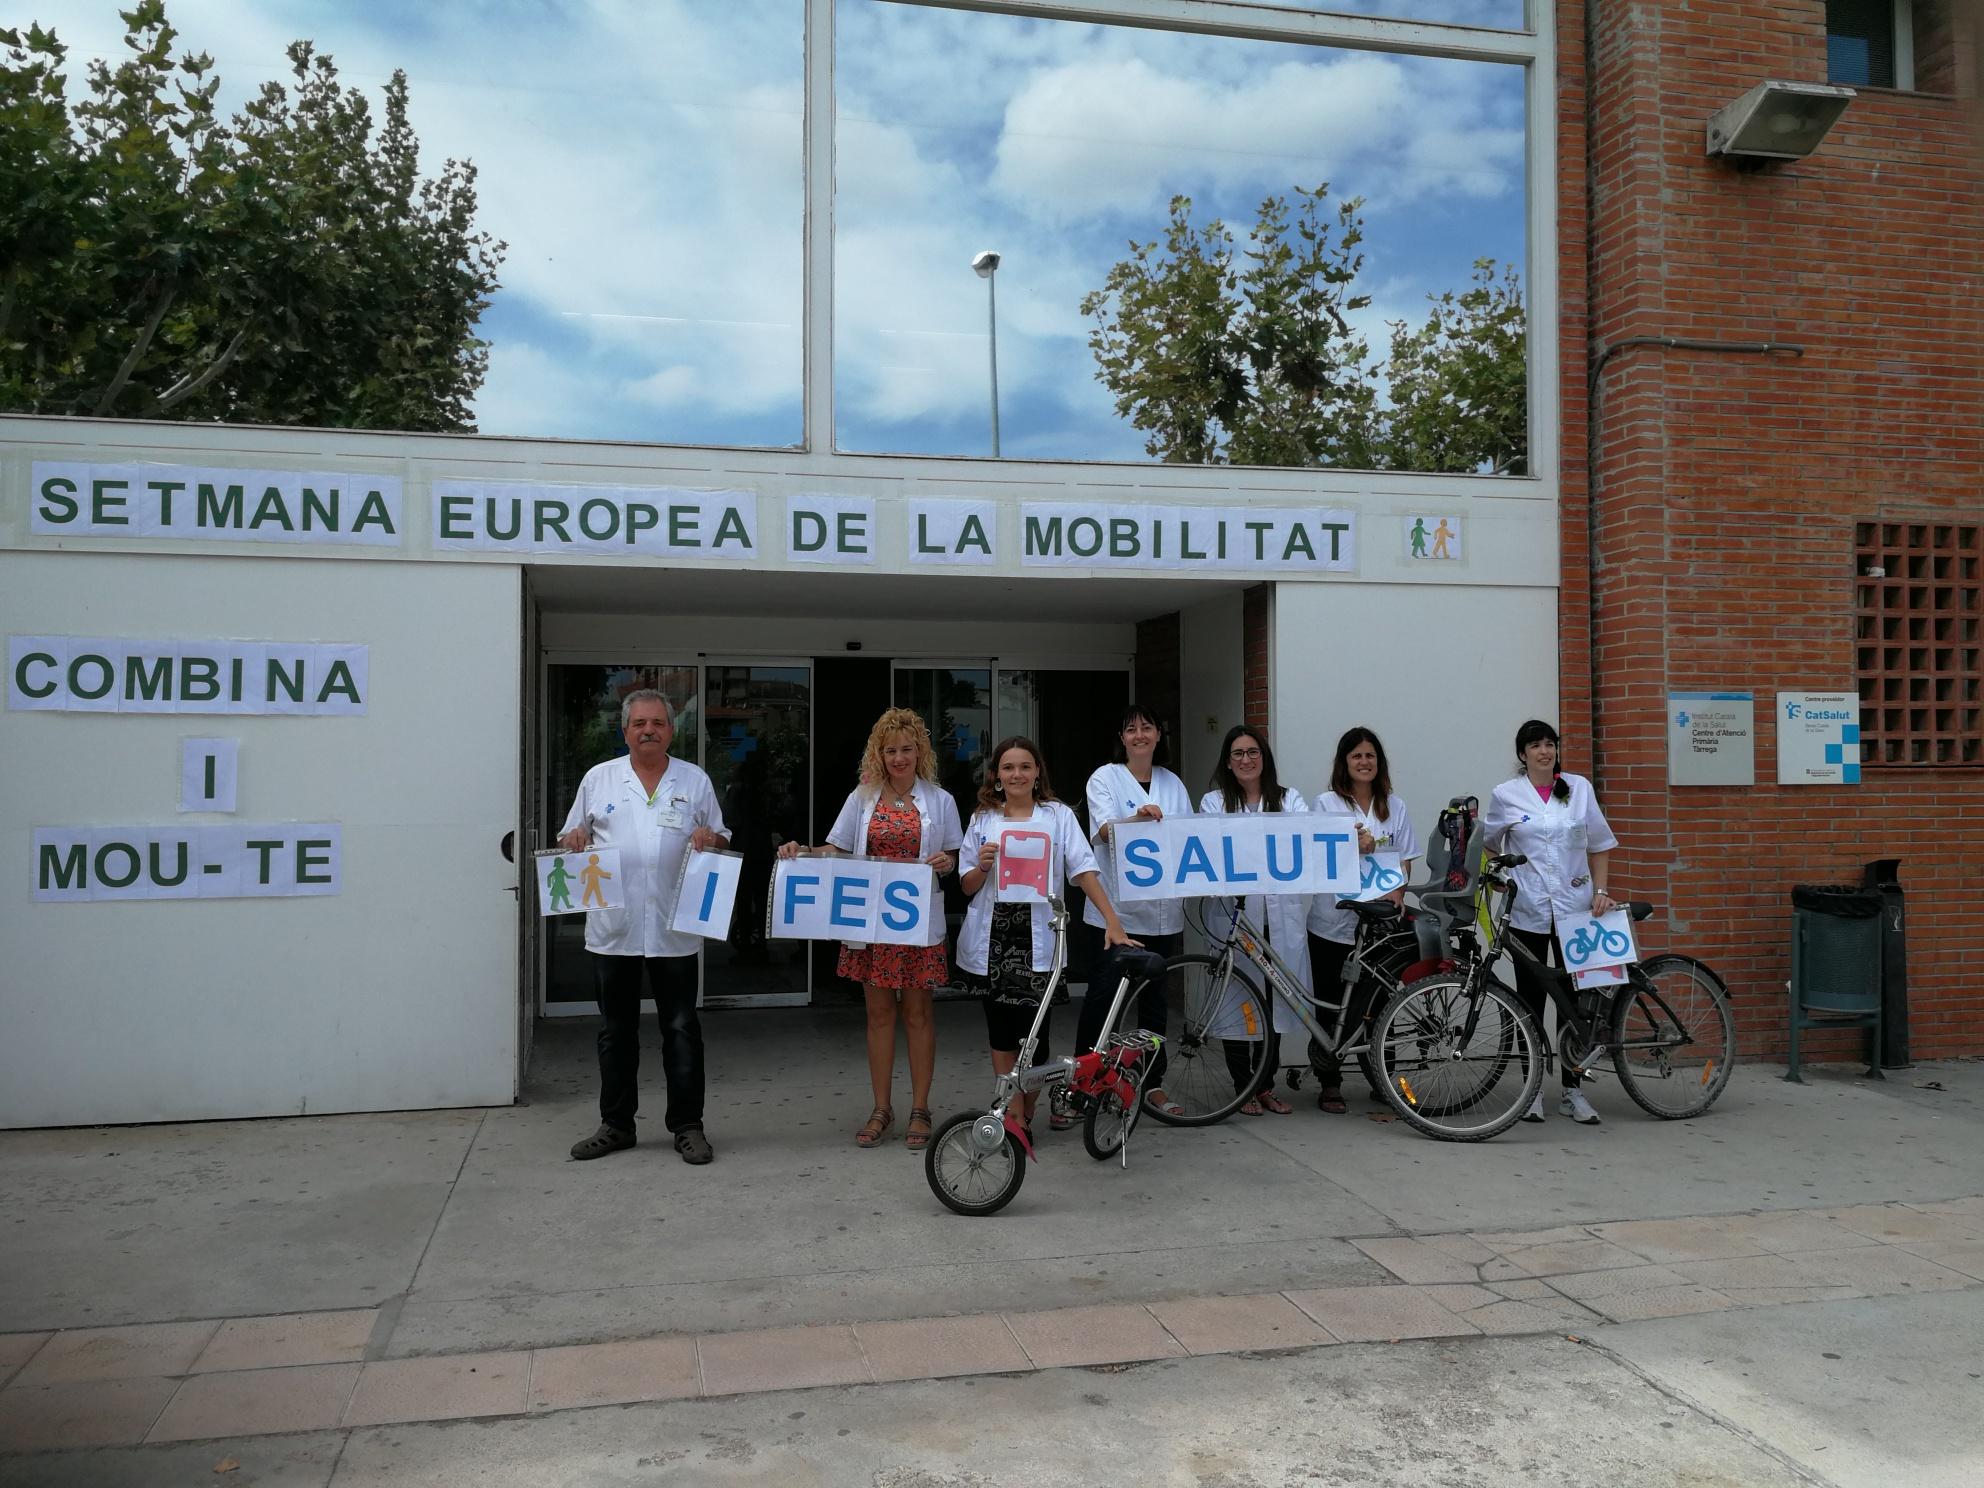 El CAP de Tàrrega participa en la Setmana Europea de la Mobilitat Sostenible i Segura